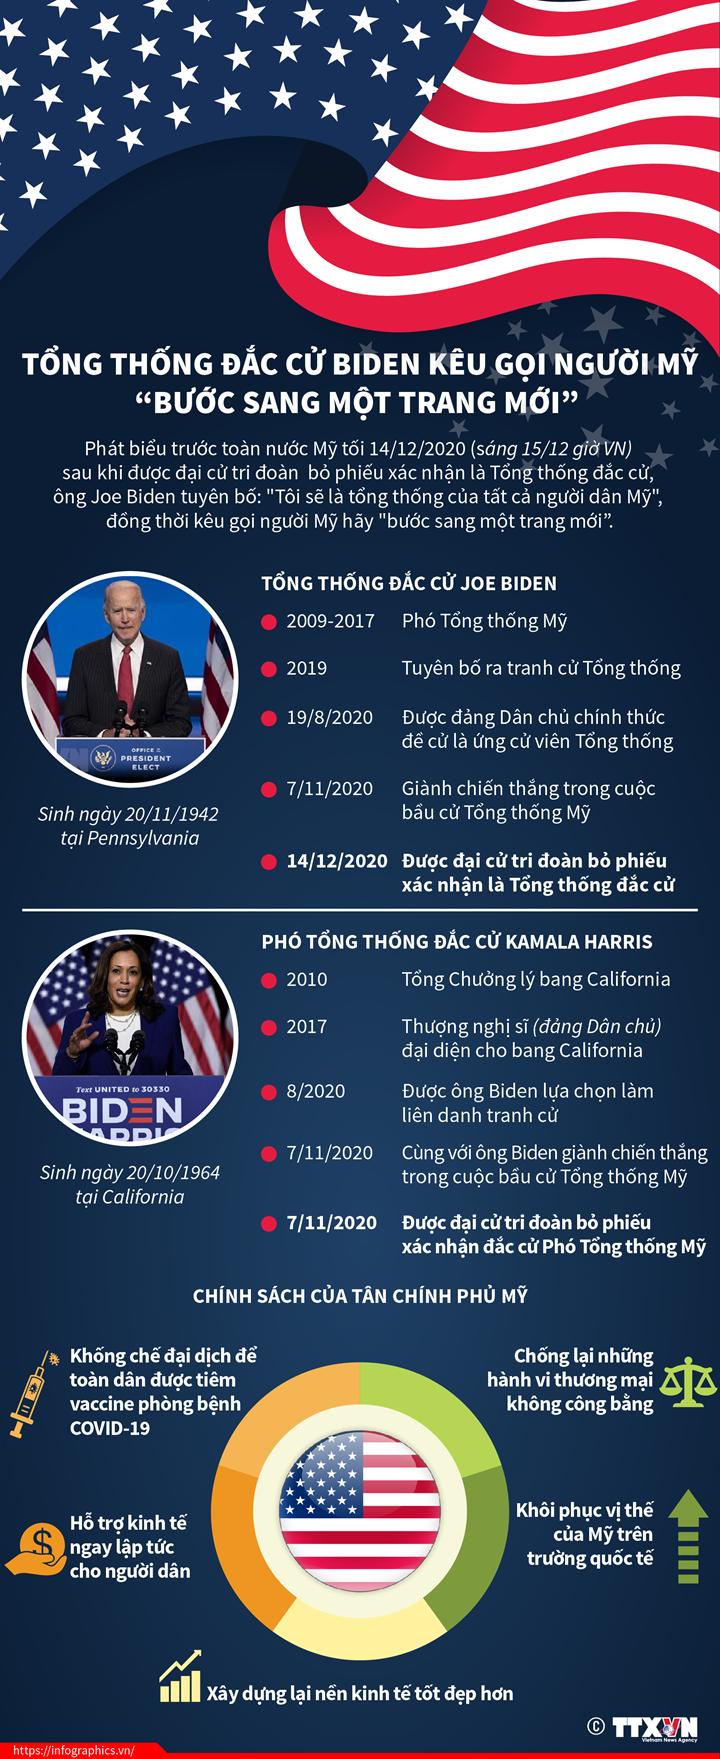 """Tổng thống đắc cử Biden kêu gọi người Mỹ """"bước sang một trang mới"""""""